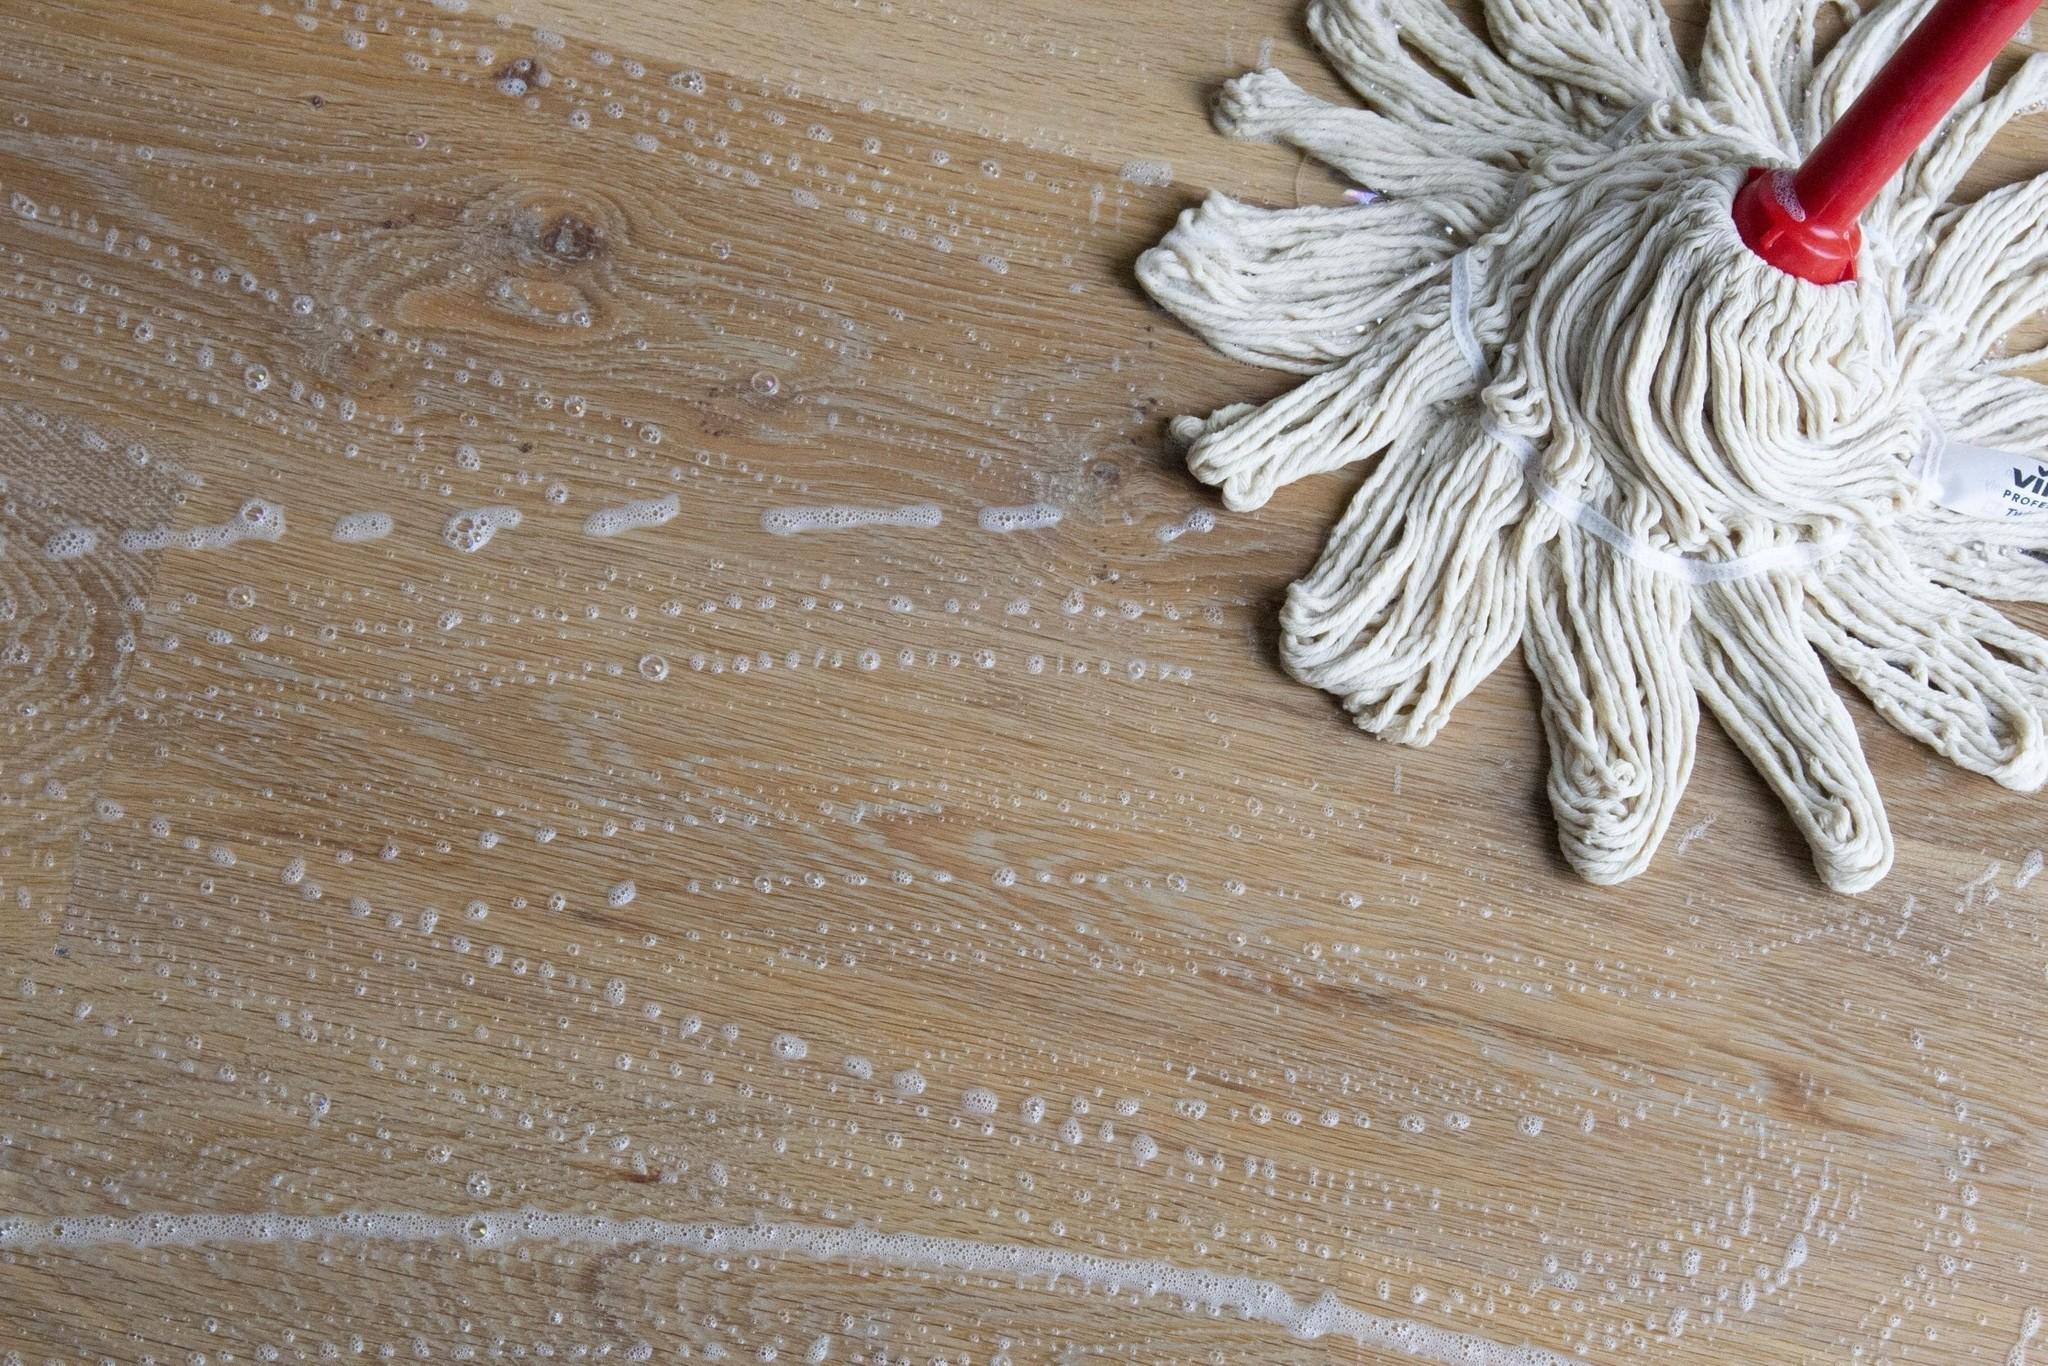 Natuurlijke zepen voor het onderhouden van houten vloeren